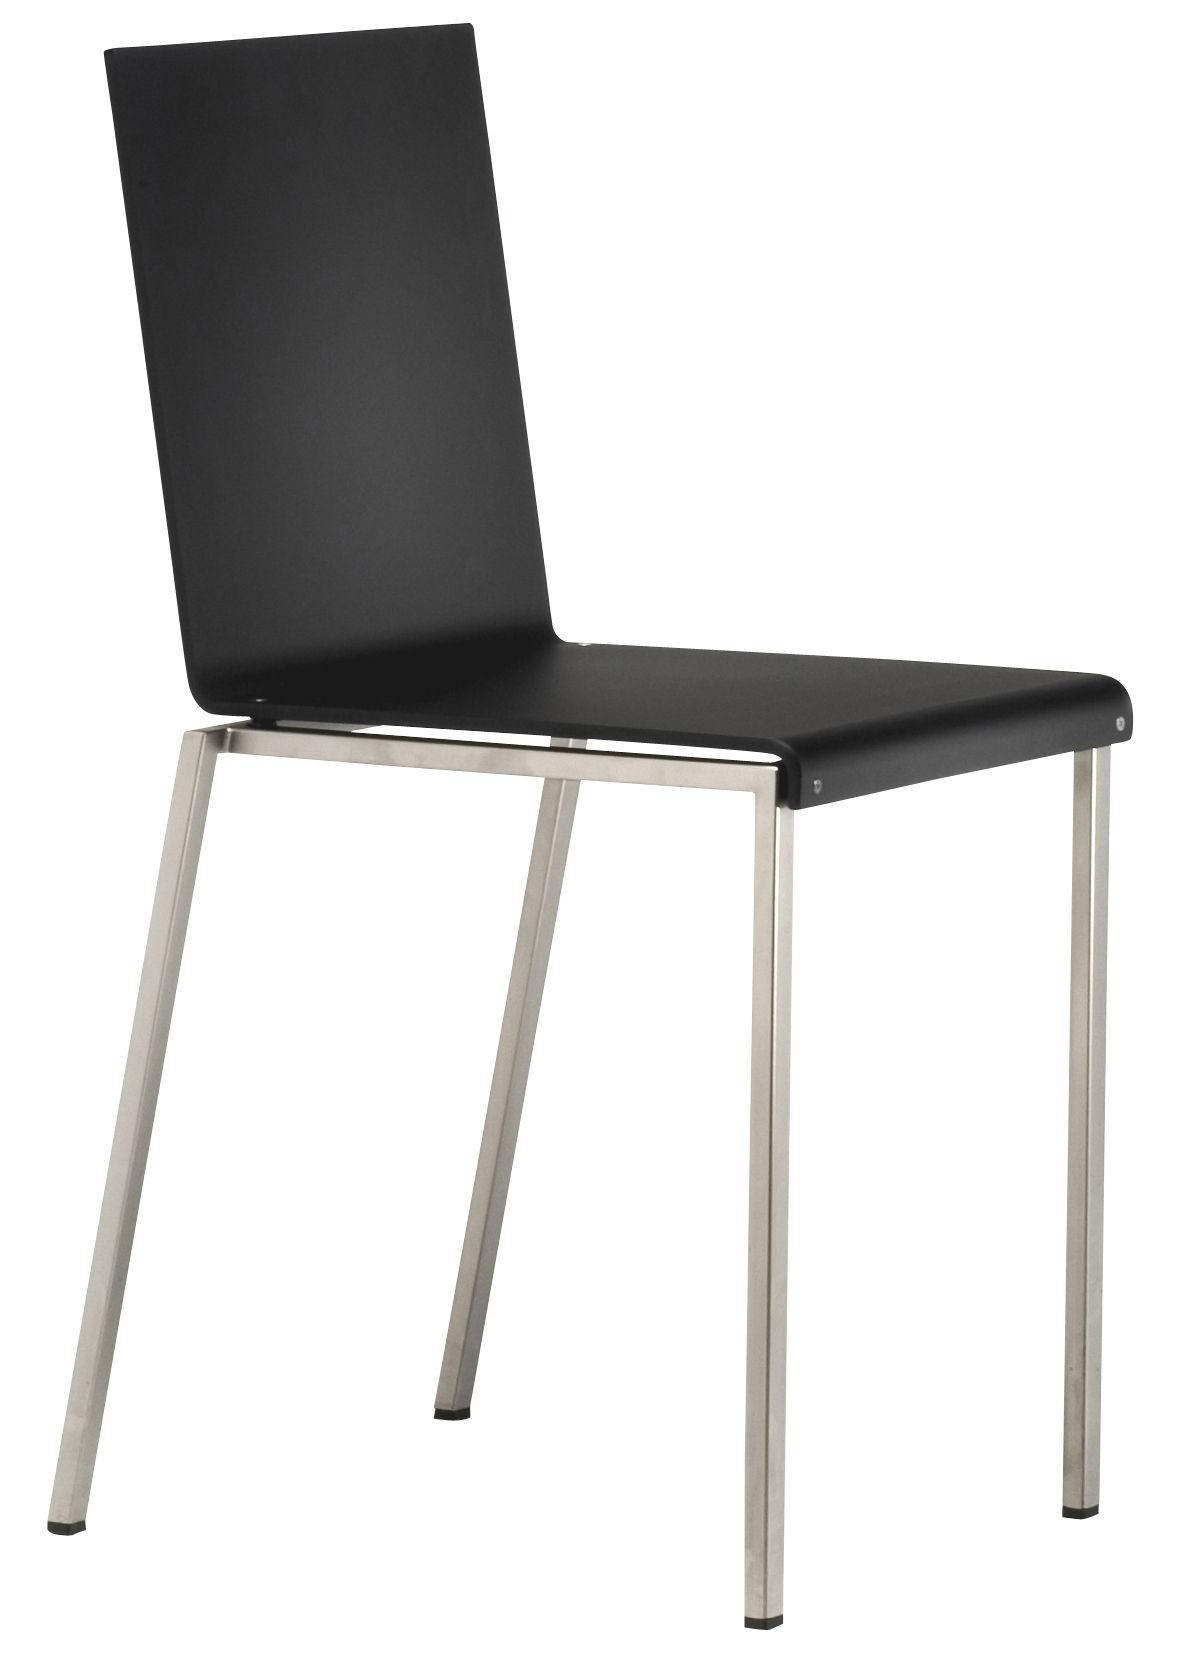 chaise bianca r sine mate pieds m tal noir mat pieds acier zeus. Black Bedroom Furniture Sets. Home Design Ideas